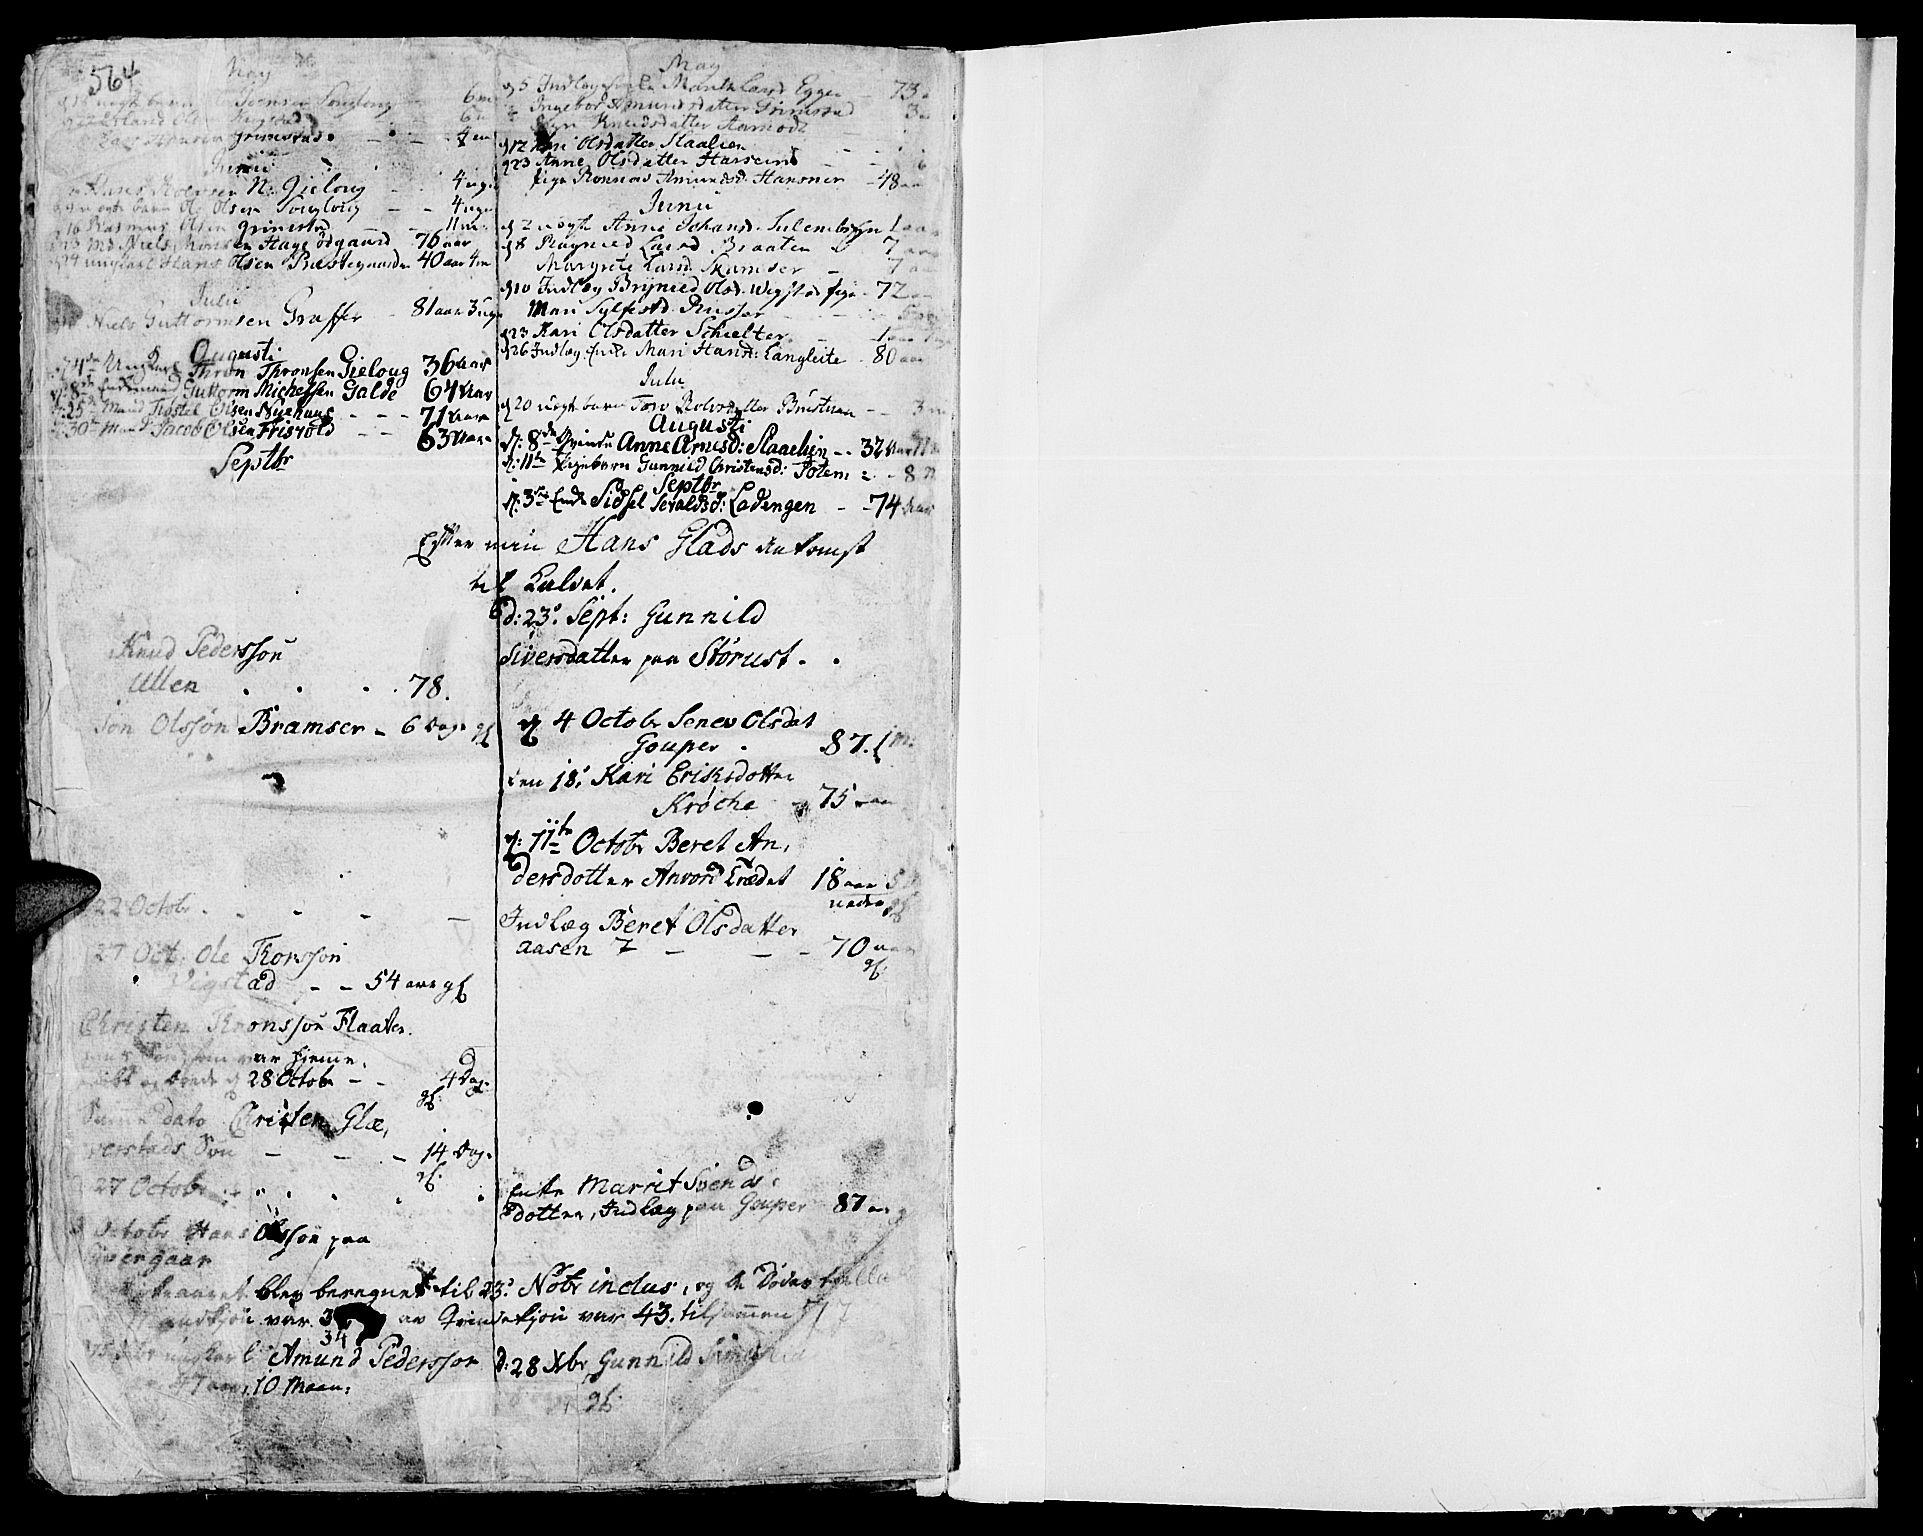 SAH, Lom prestekontor, K/L0002: Ministerialbok nr. 2, 1749-1801, s. 564-565